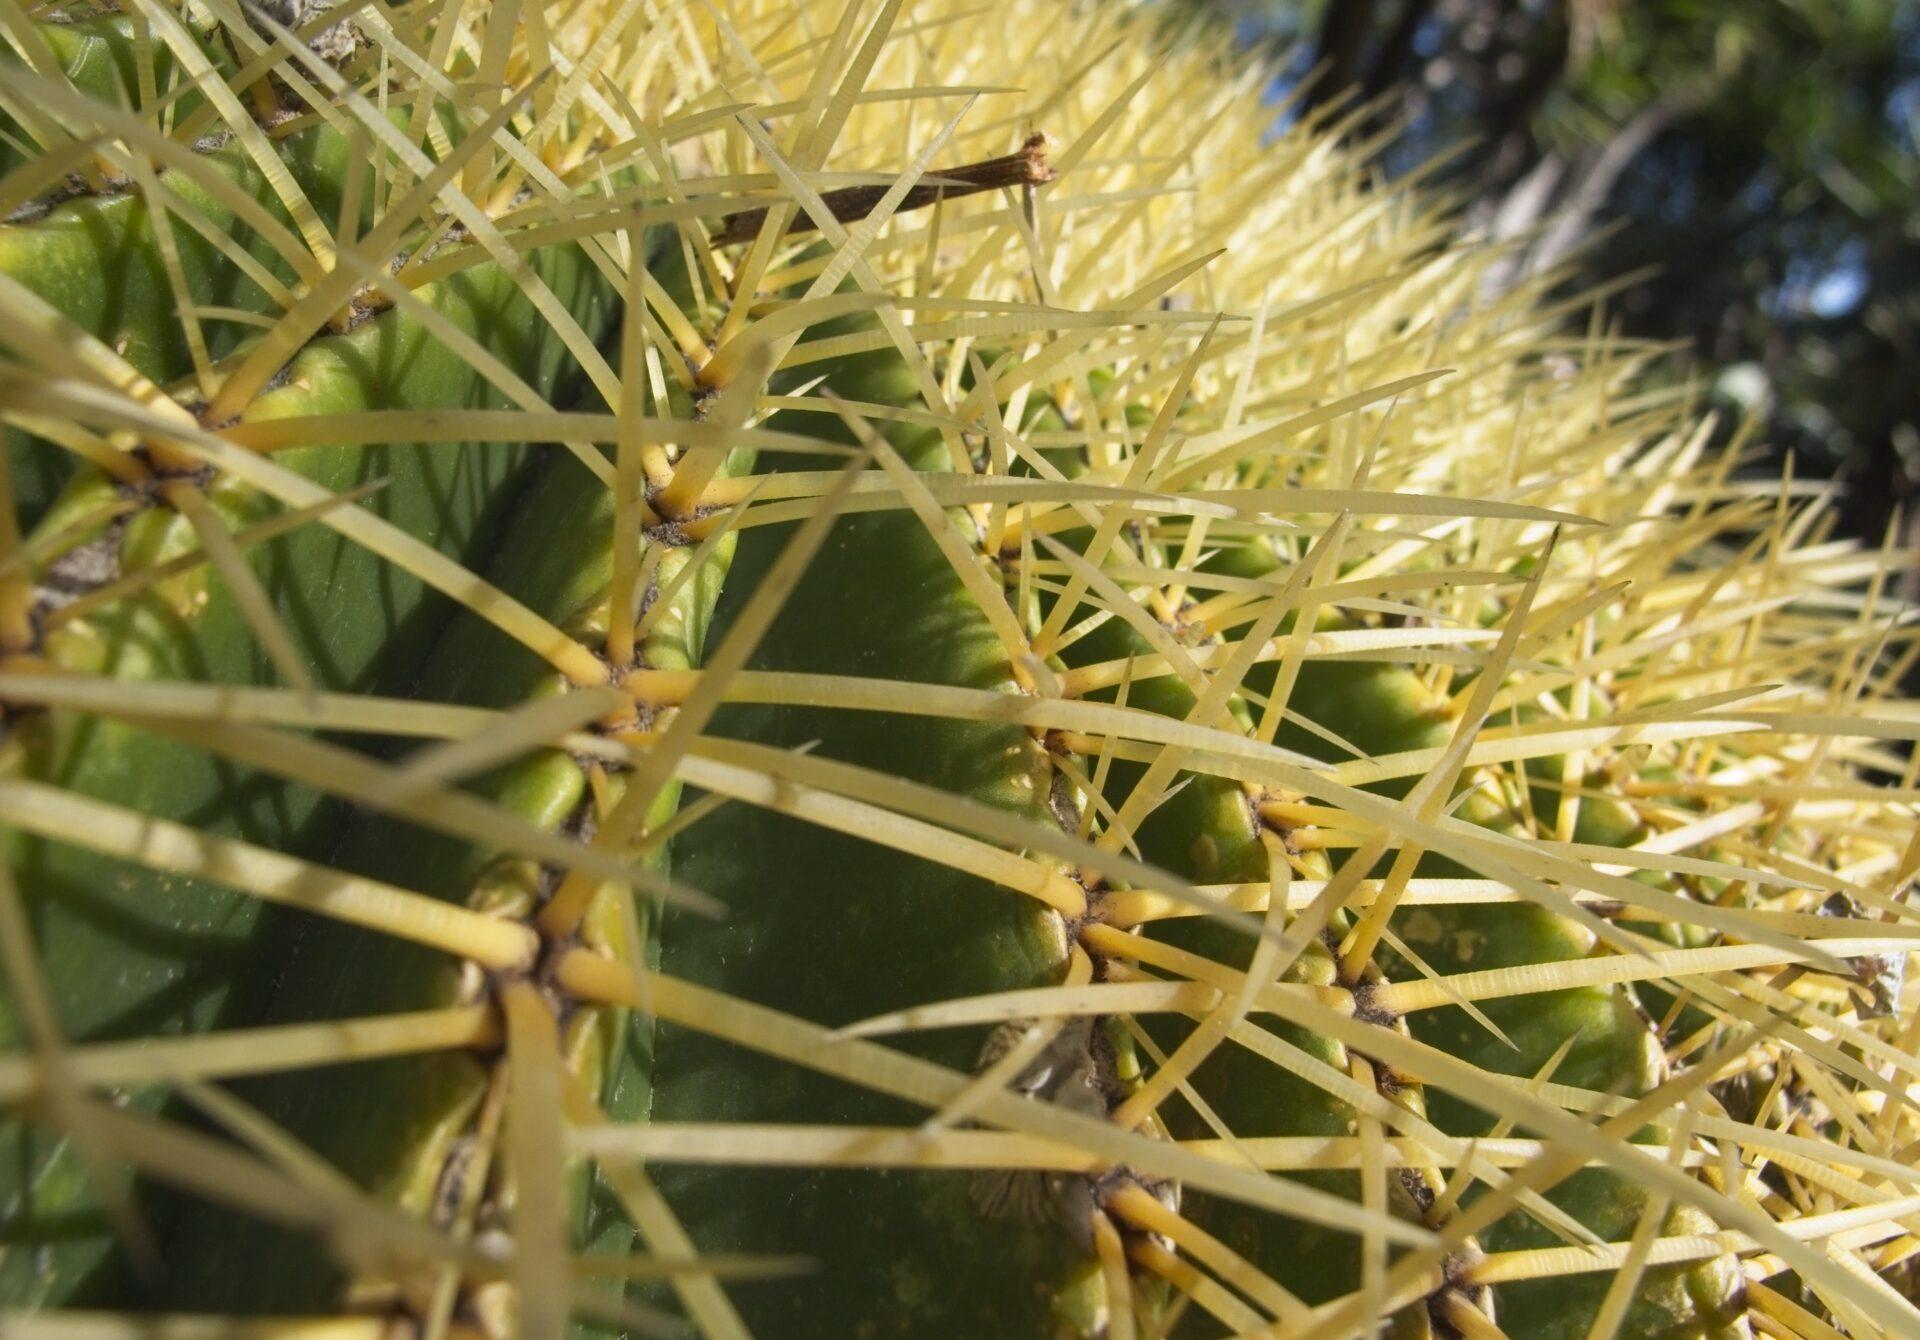 Nahaufnahme eines Kaktus